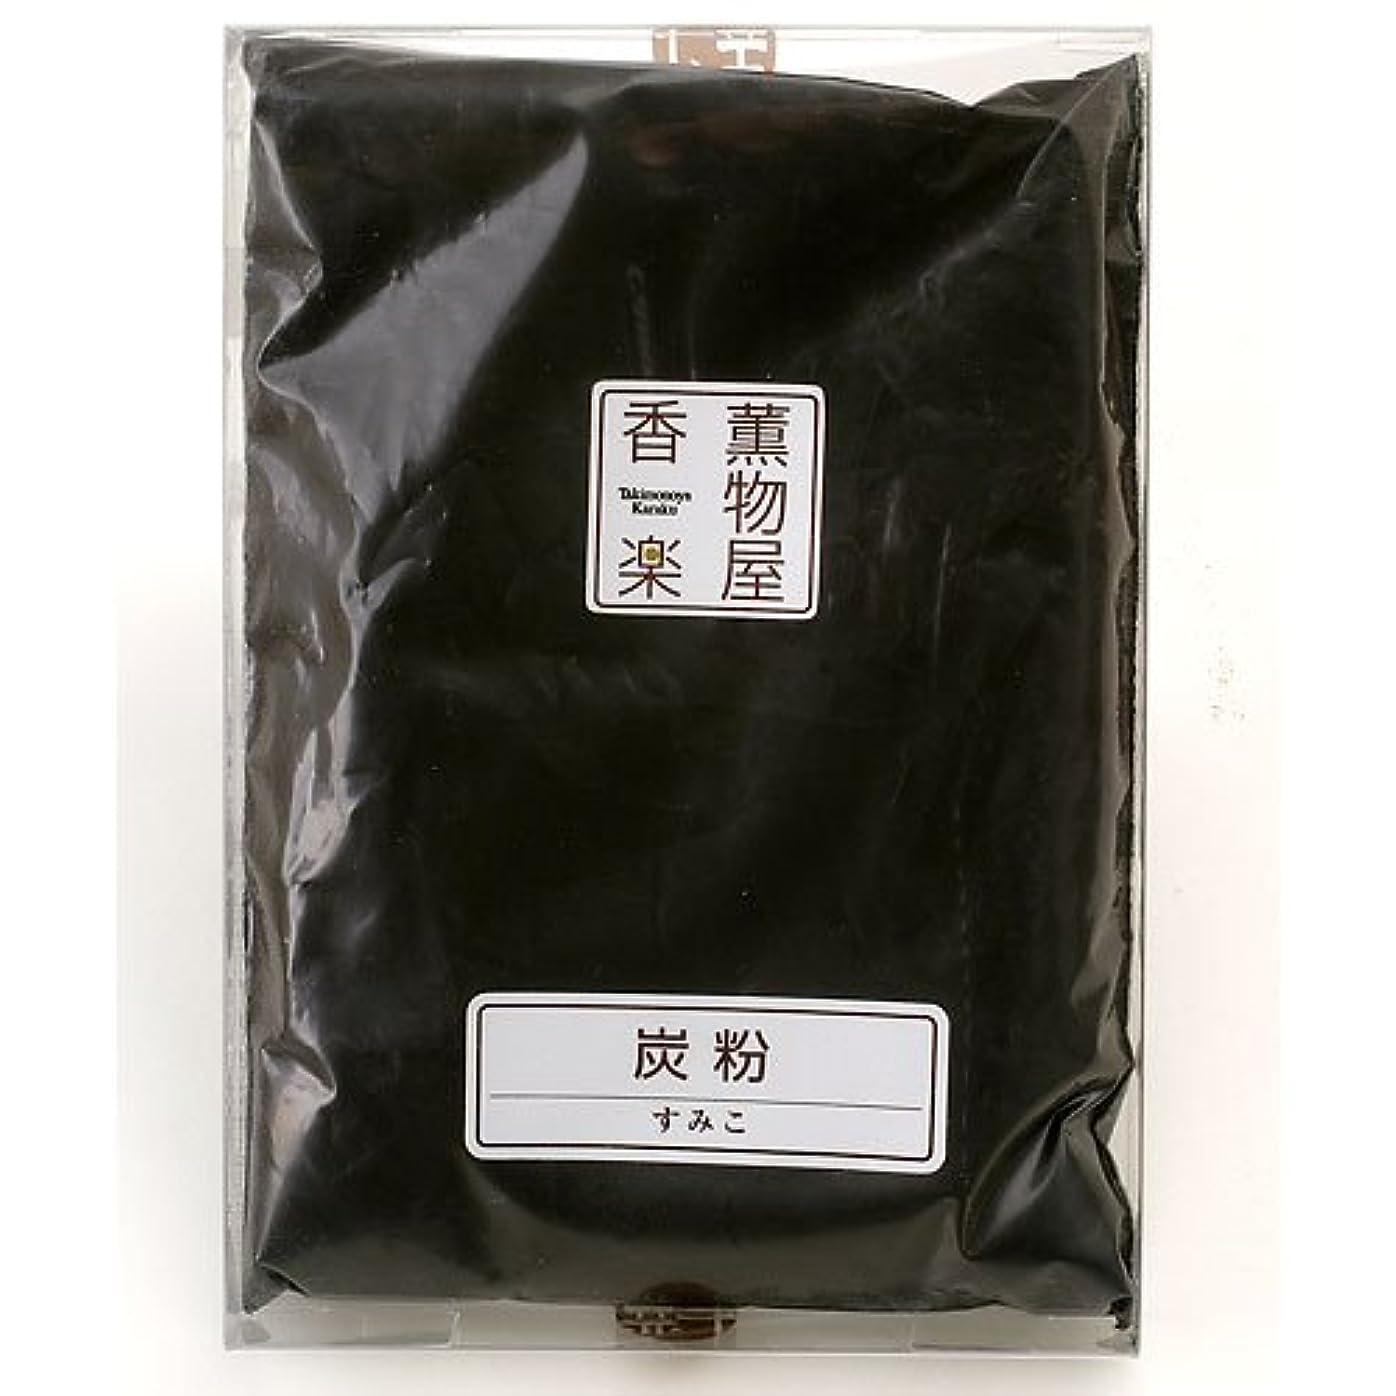 消す香ばしい発掘炭粉(着火/カビ防止) 線香?練香の材料